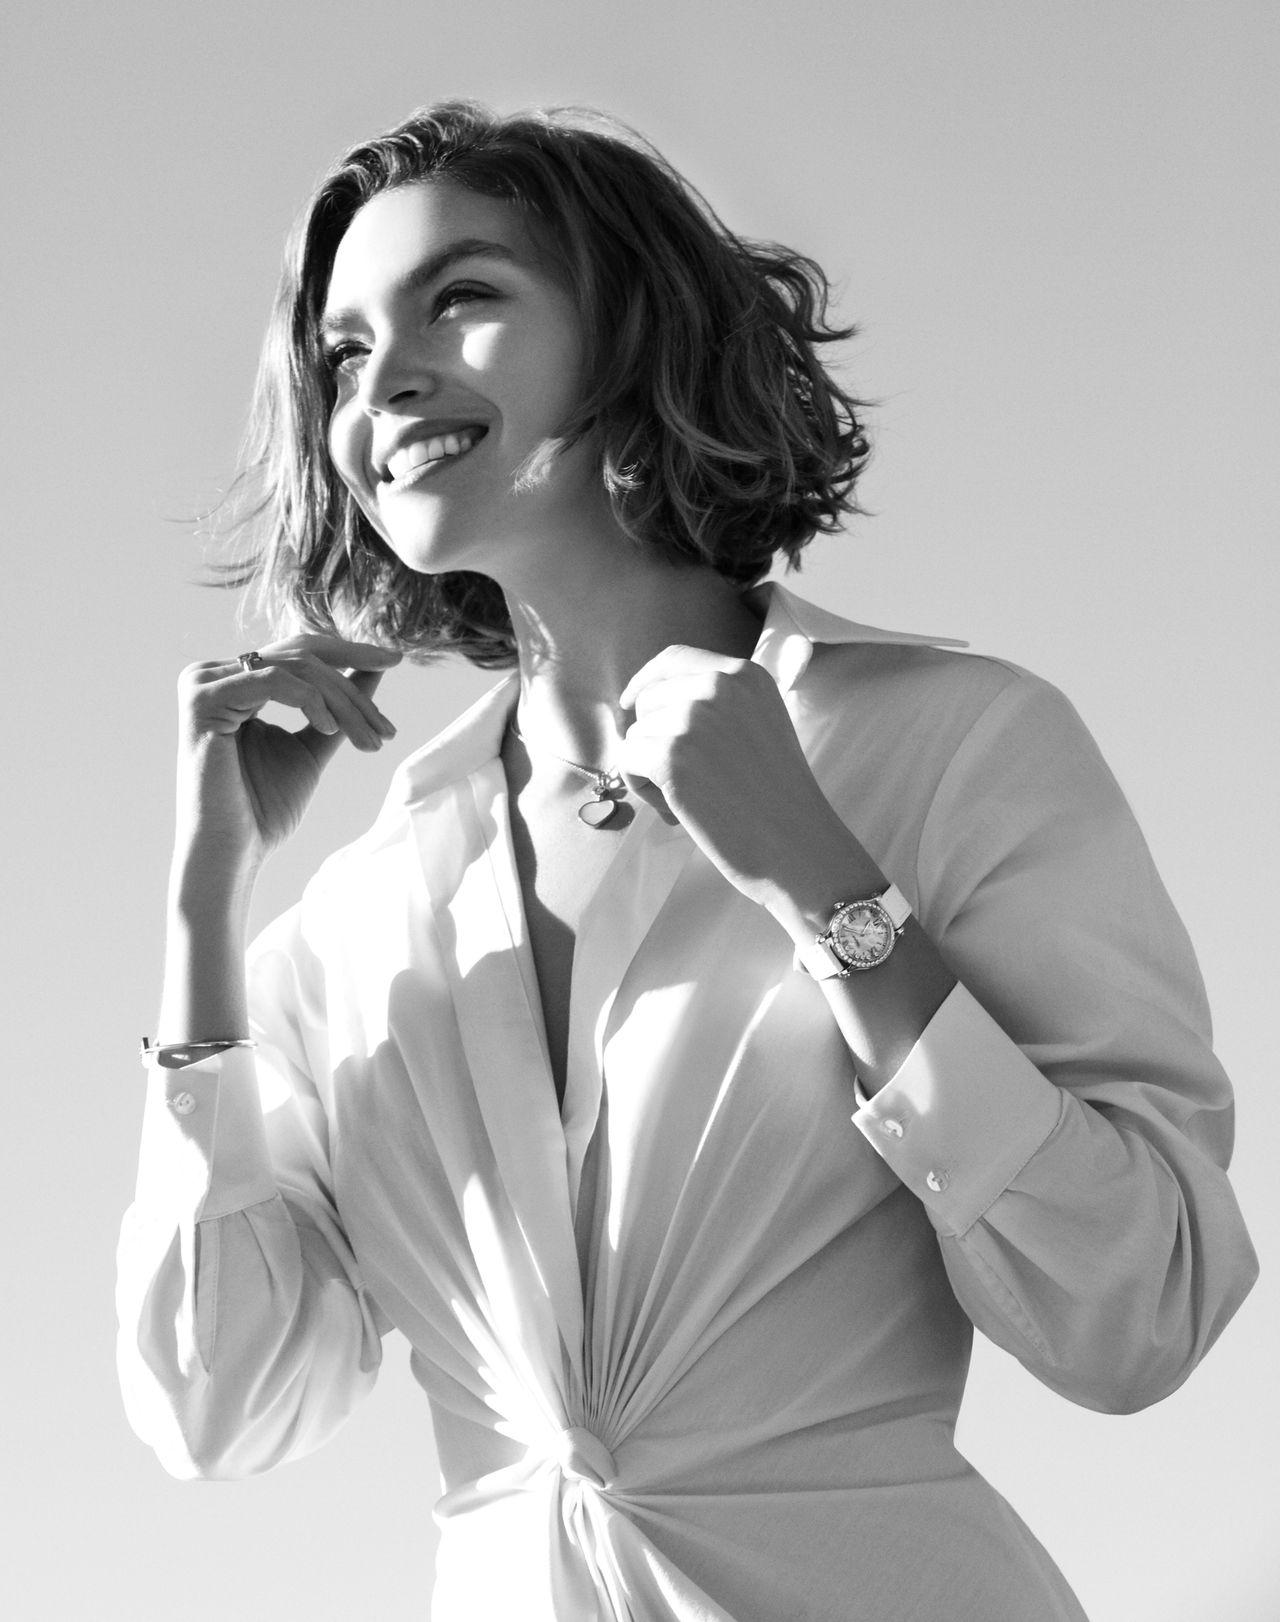 Chopard Happy Sport - Arizona Muse divatmodell egy Happy Sporttal a csuklóján